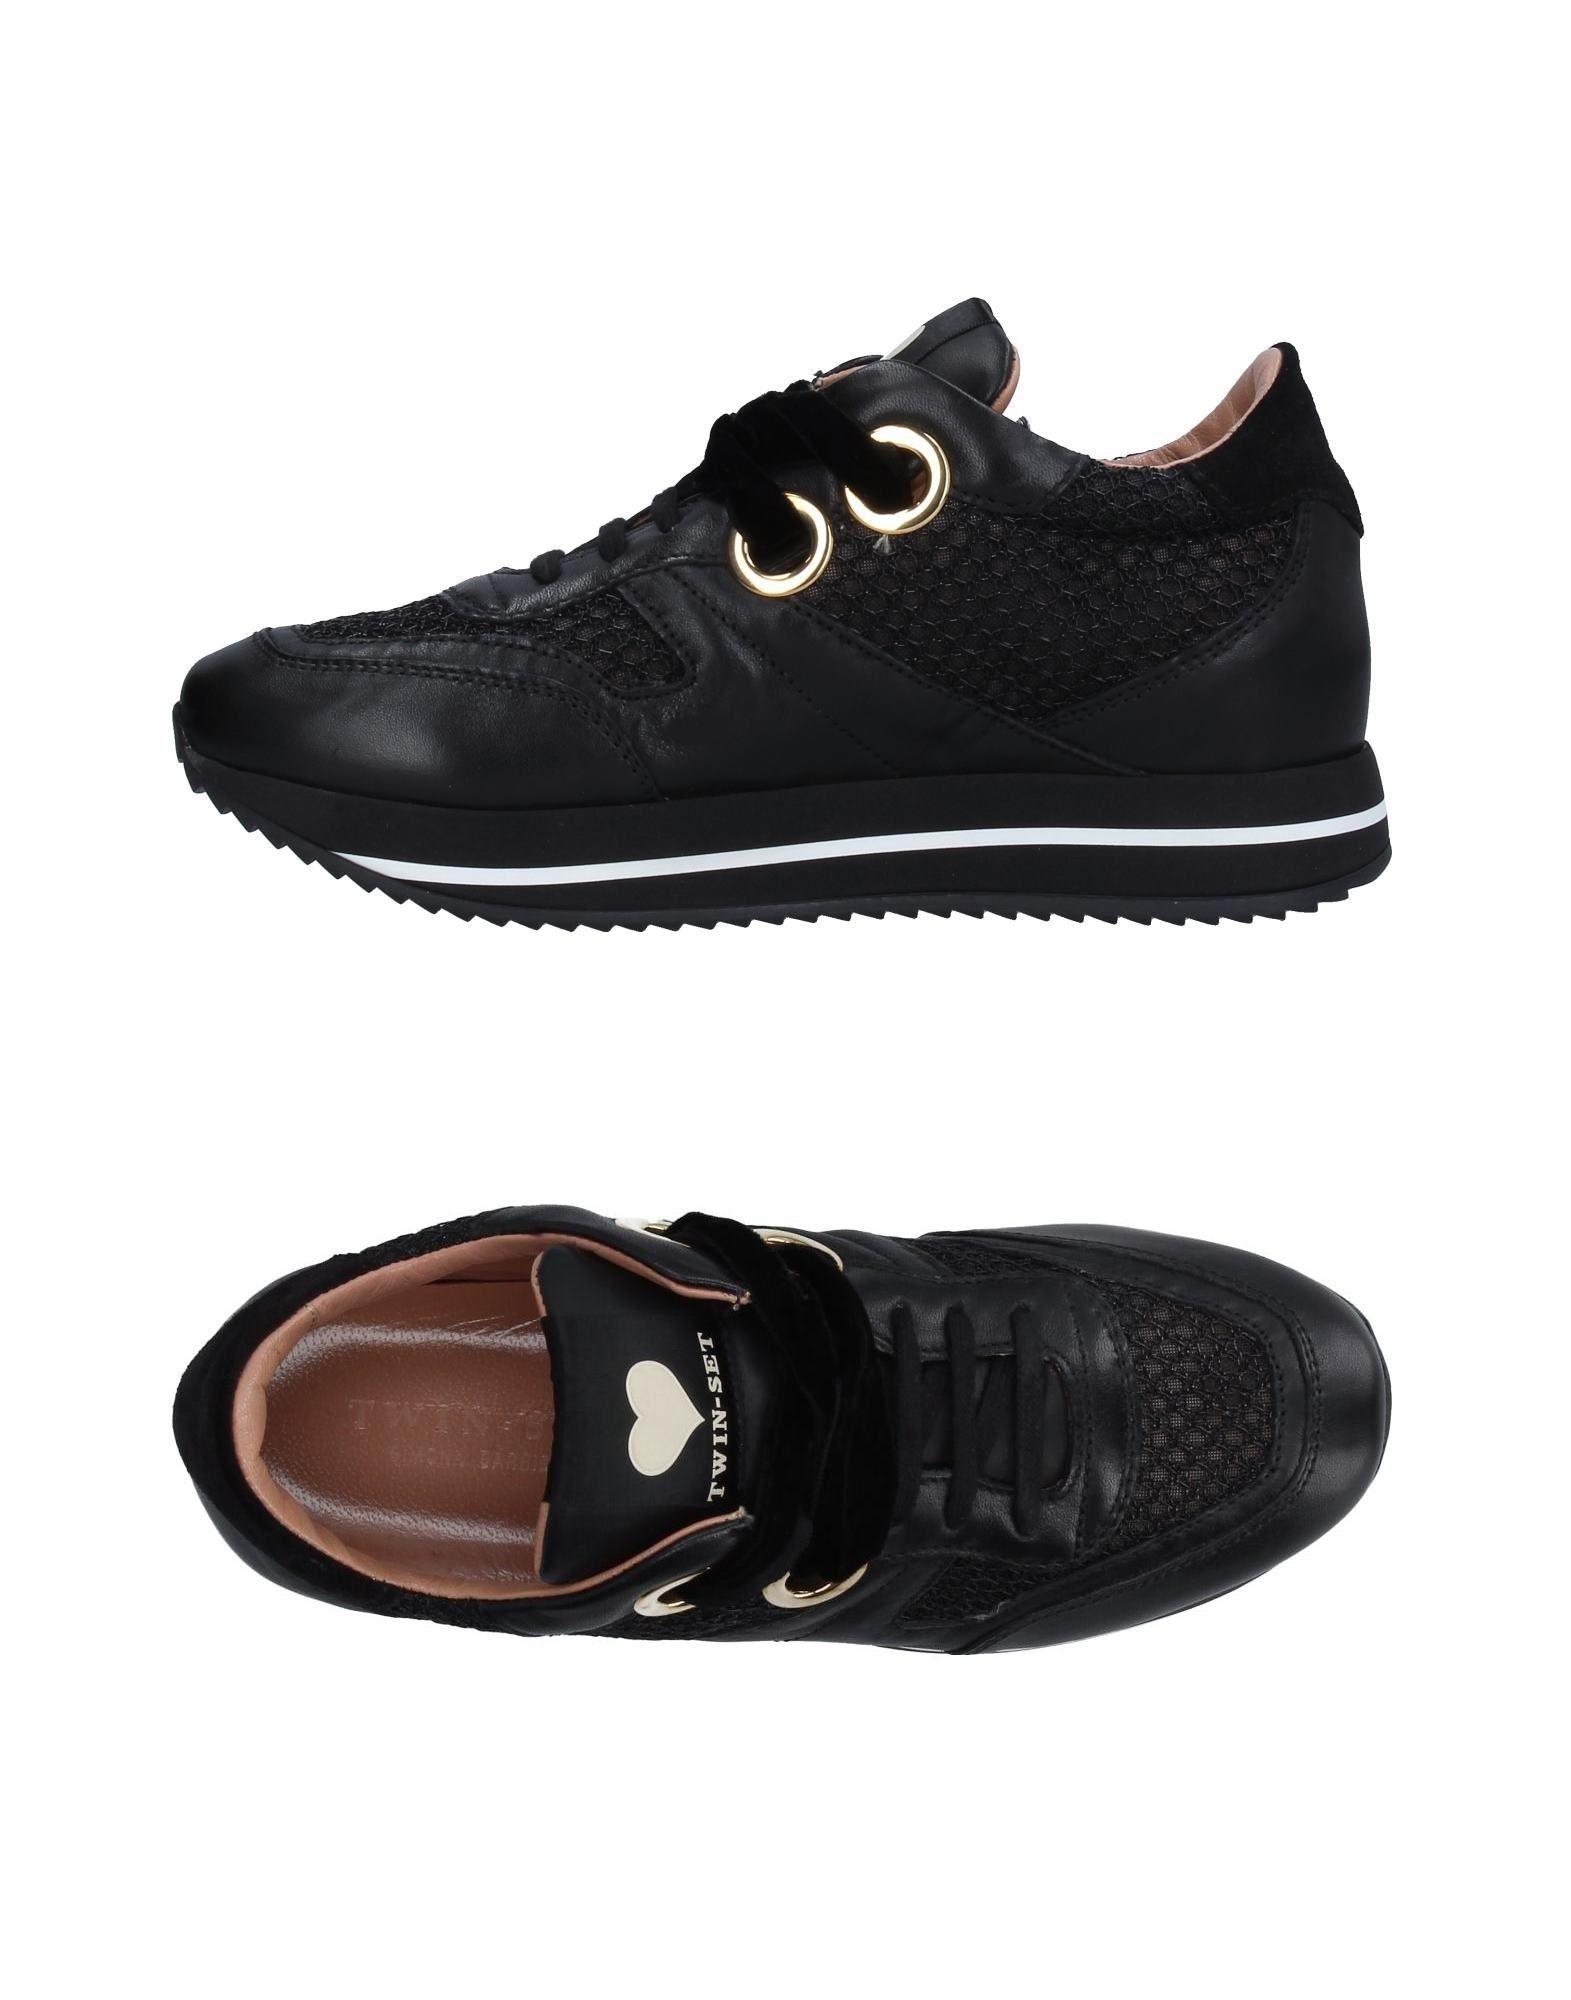 Twin-Set Simona Barbieri Sneakers - Women online Twin-Set Simona Barbieri Sneakers online Women on  Canada - 11248155PP 36f3d0